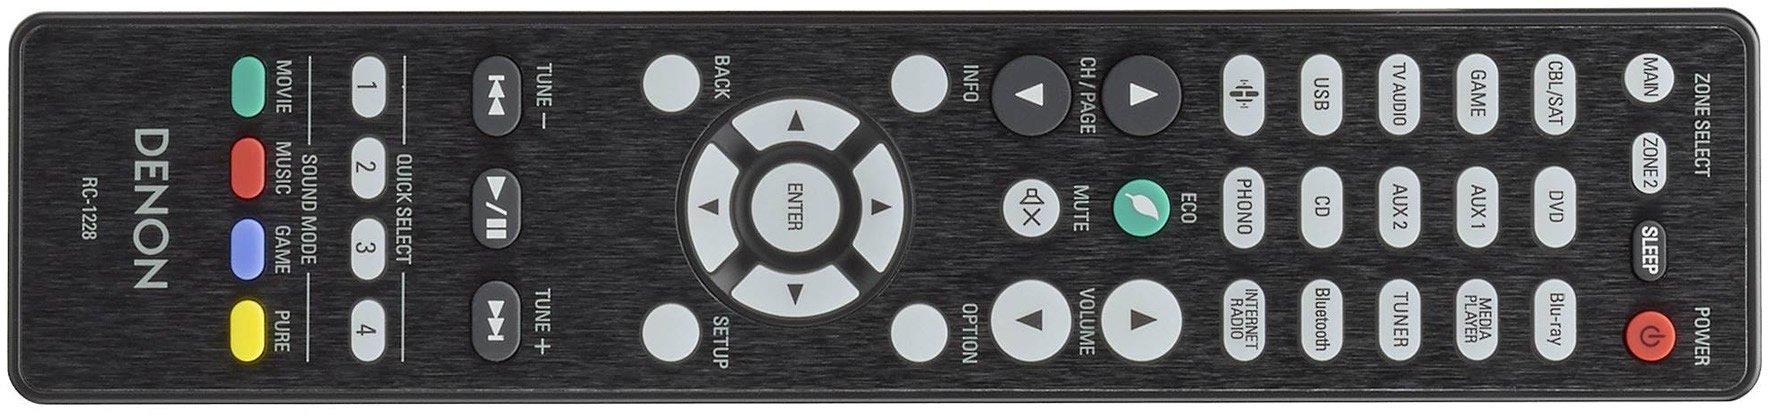 Denon AVR-X3500H remote